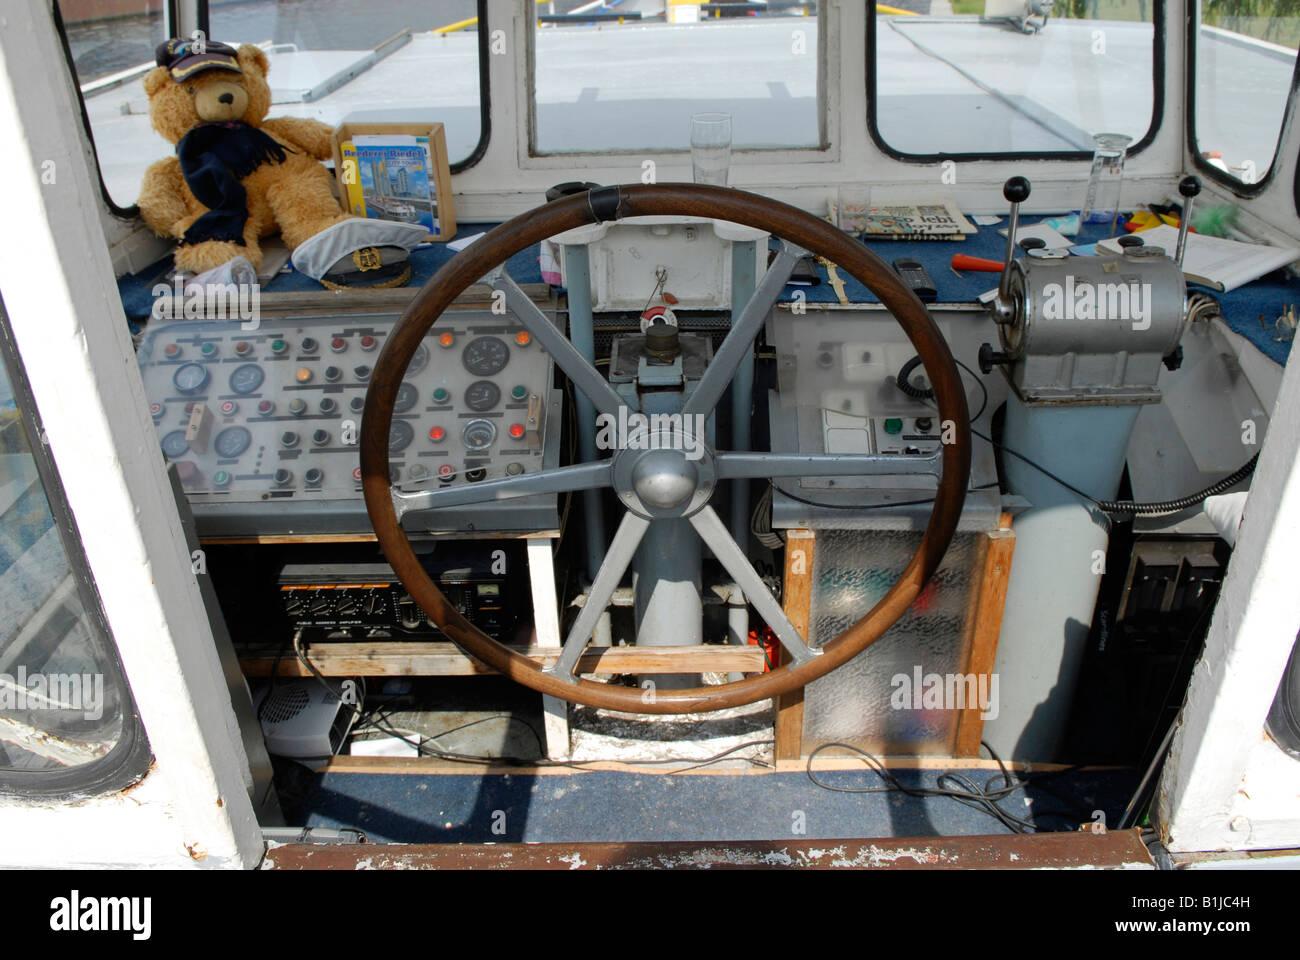 wheel house of a ship Stock Photo